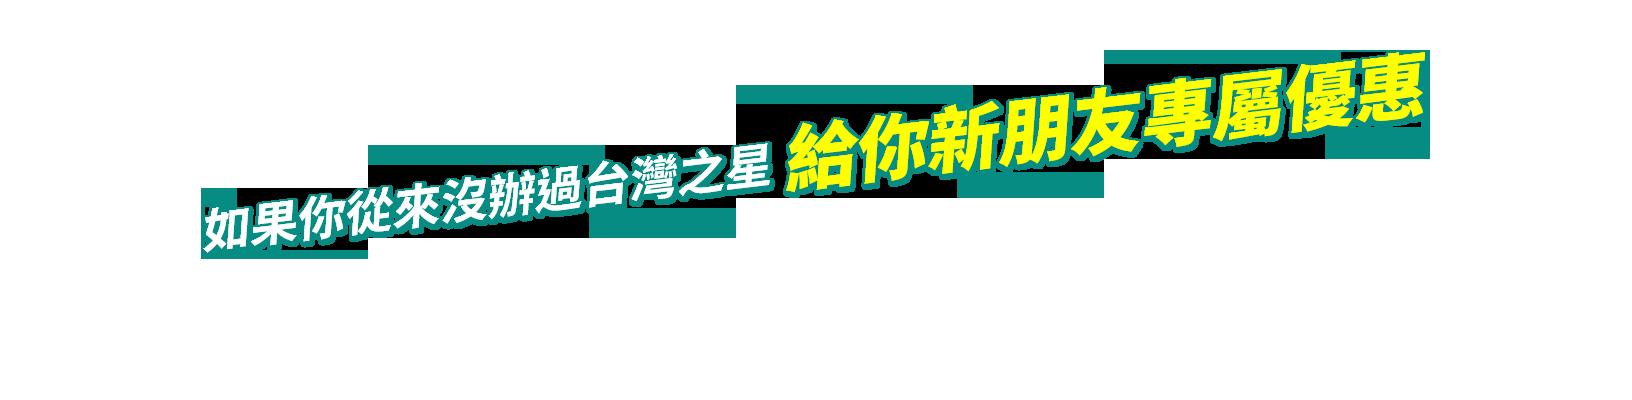 如果你從來沒辦過台灣之星 給你新朋友專屬優惠